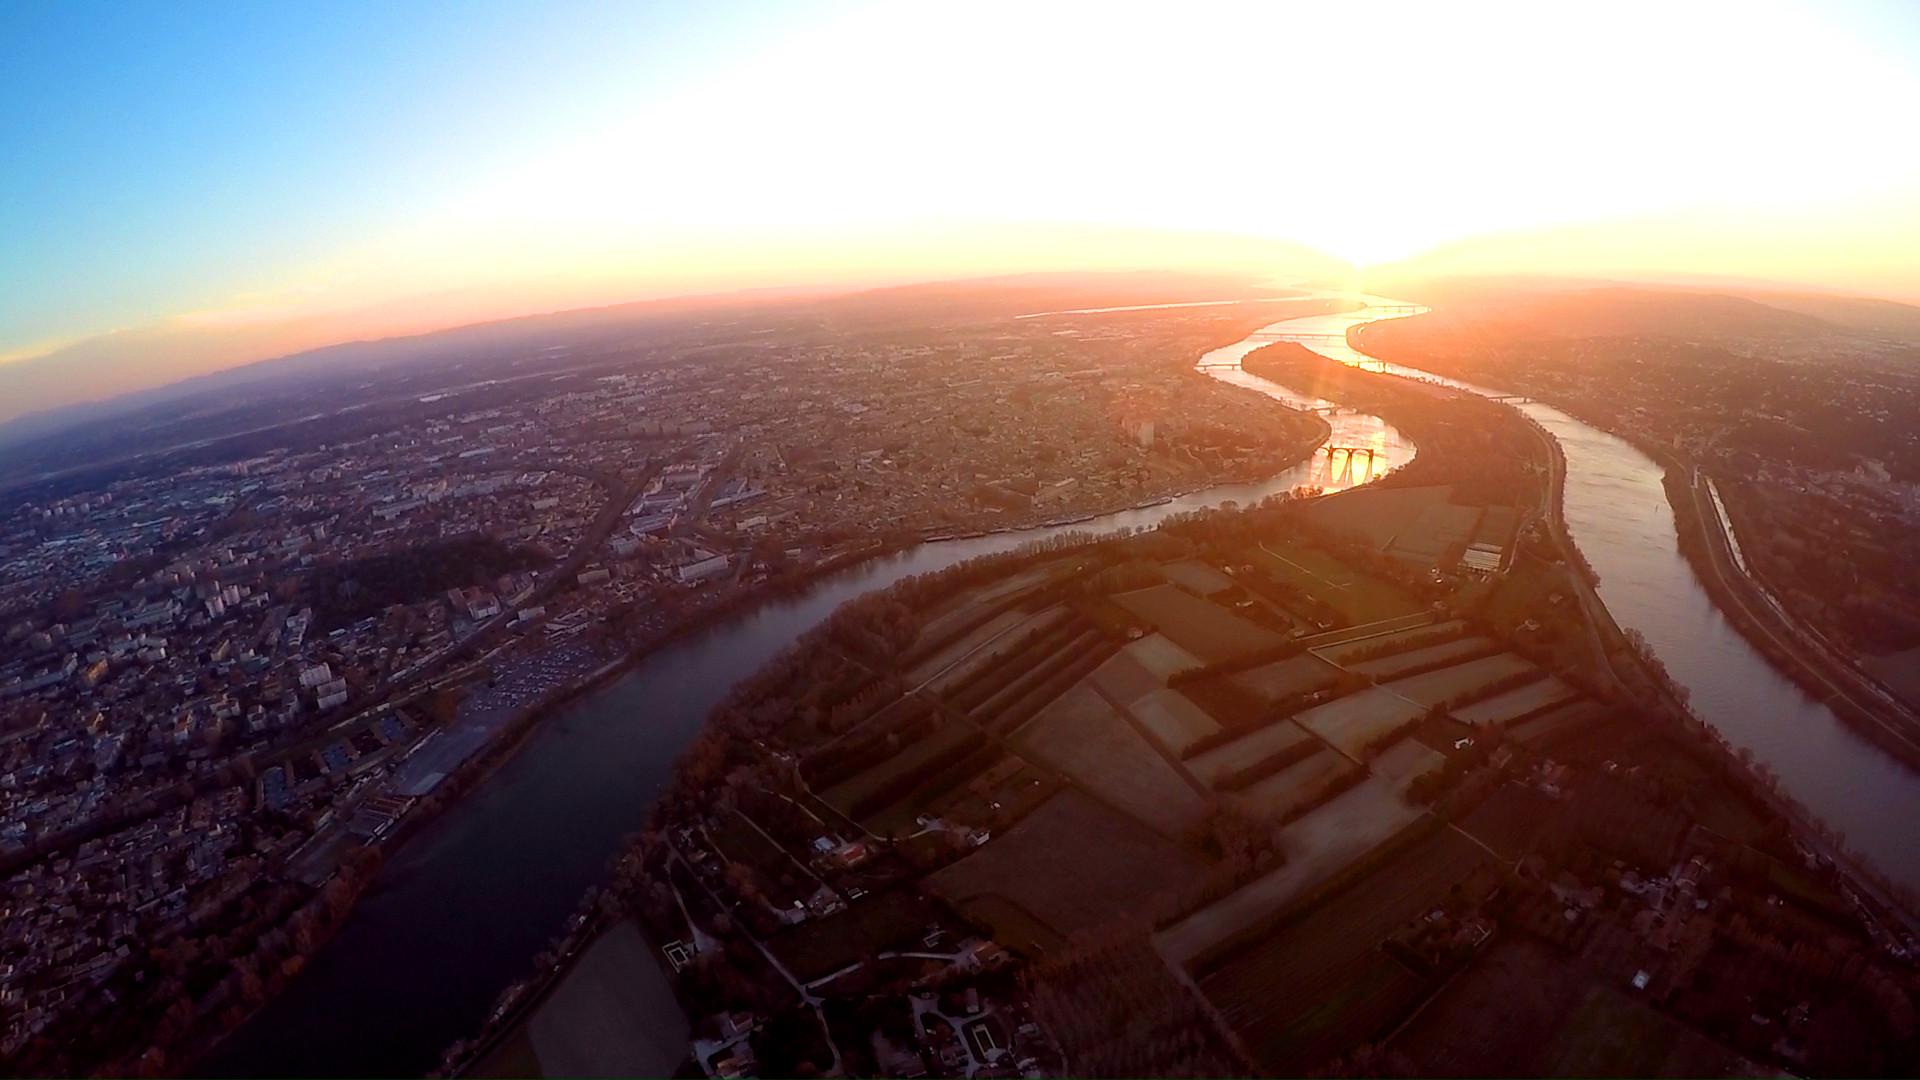 Avignon couché de soleil vue aérienne